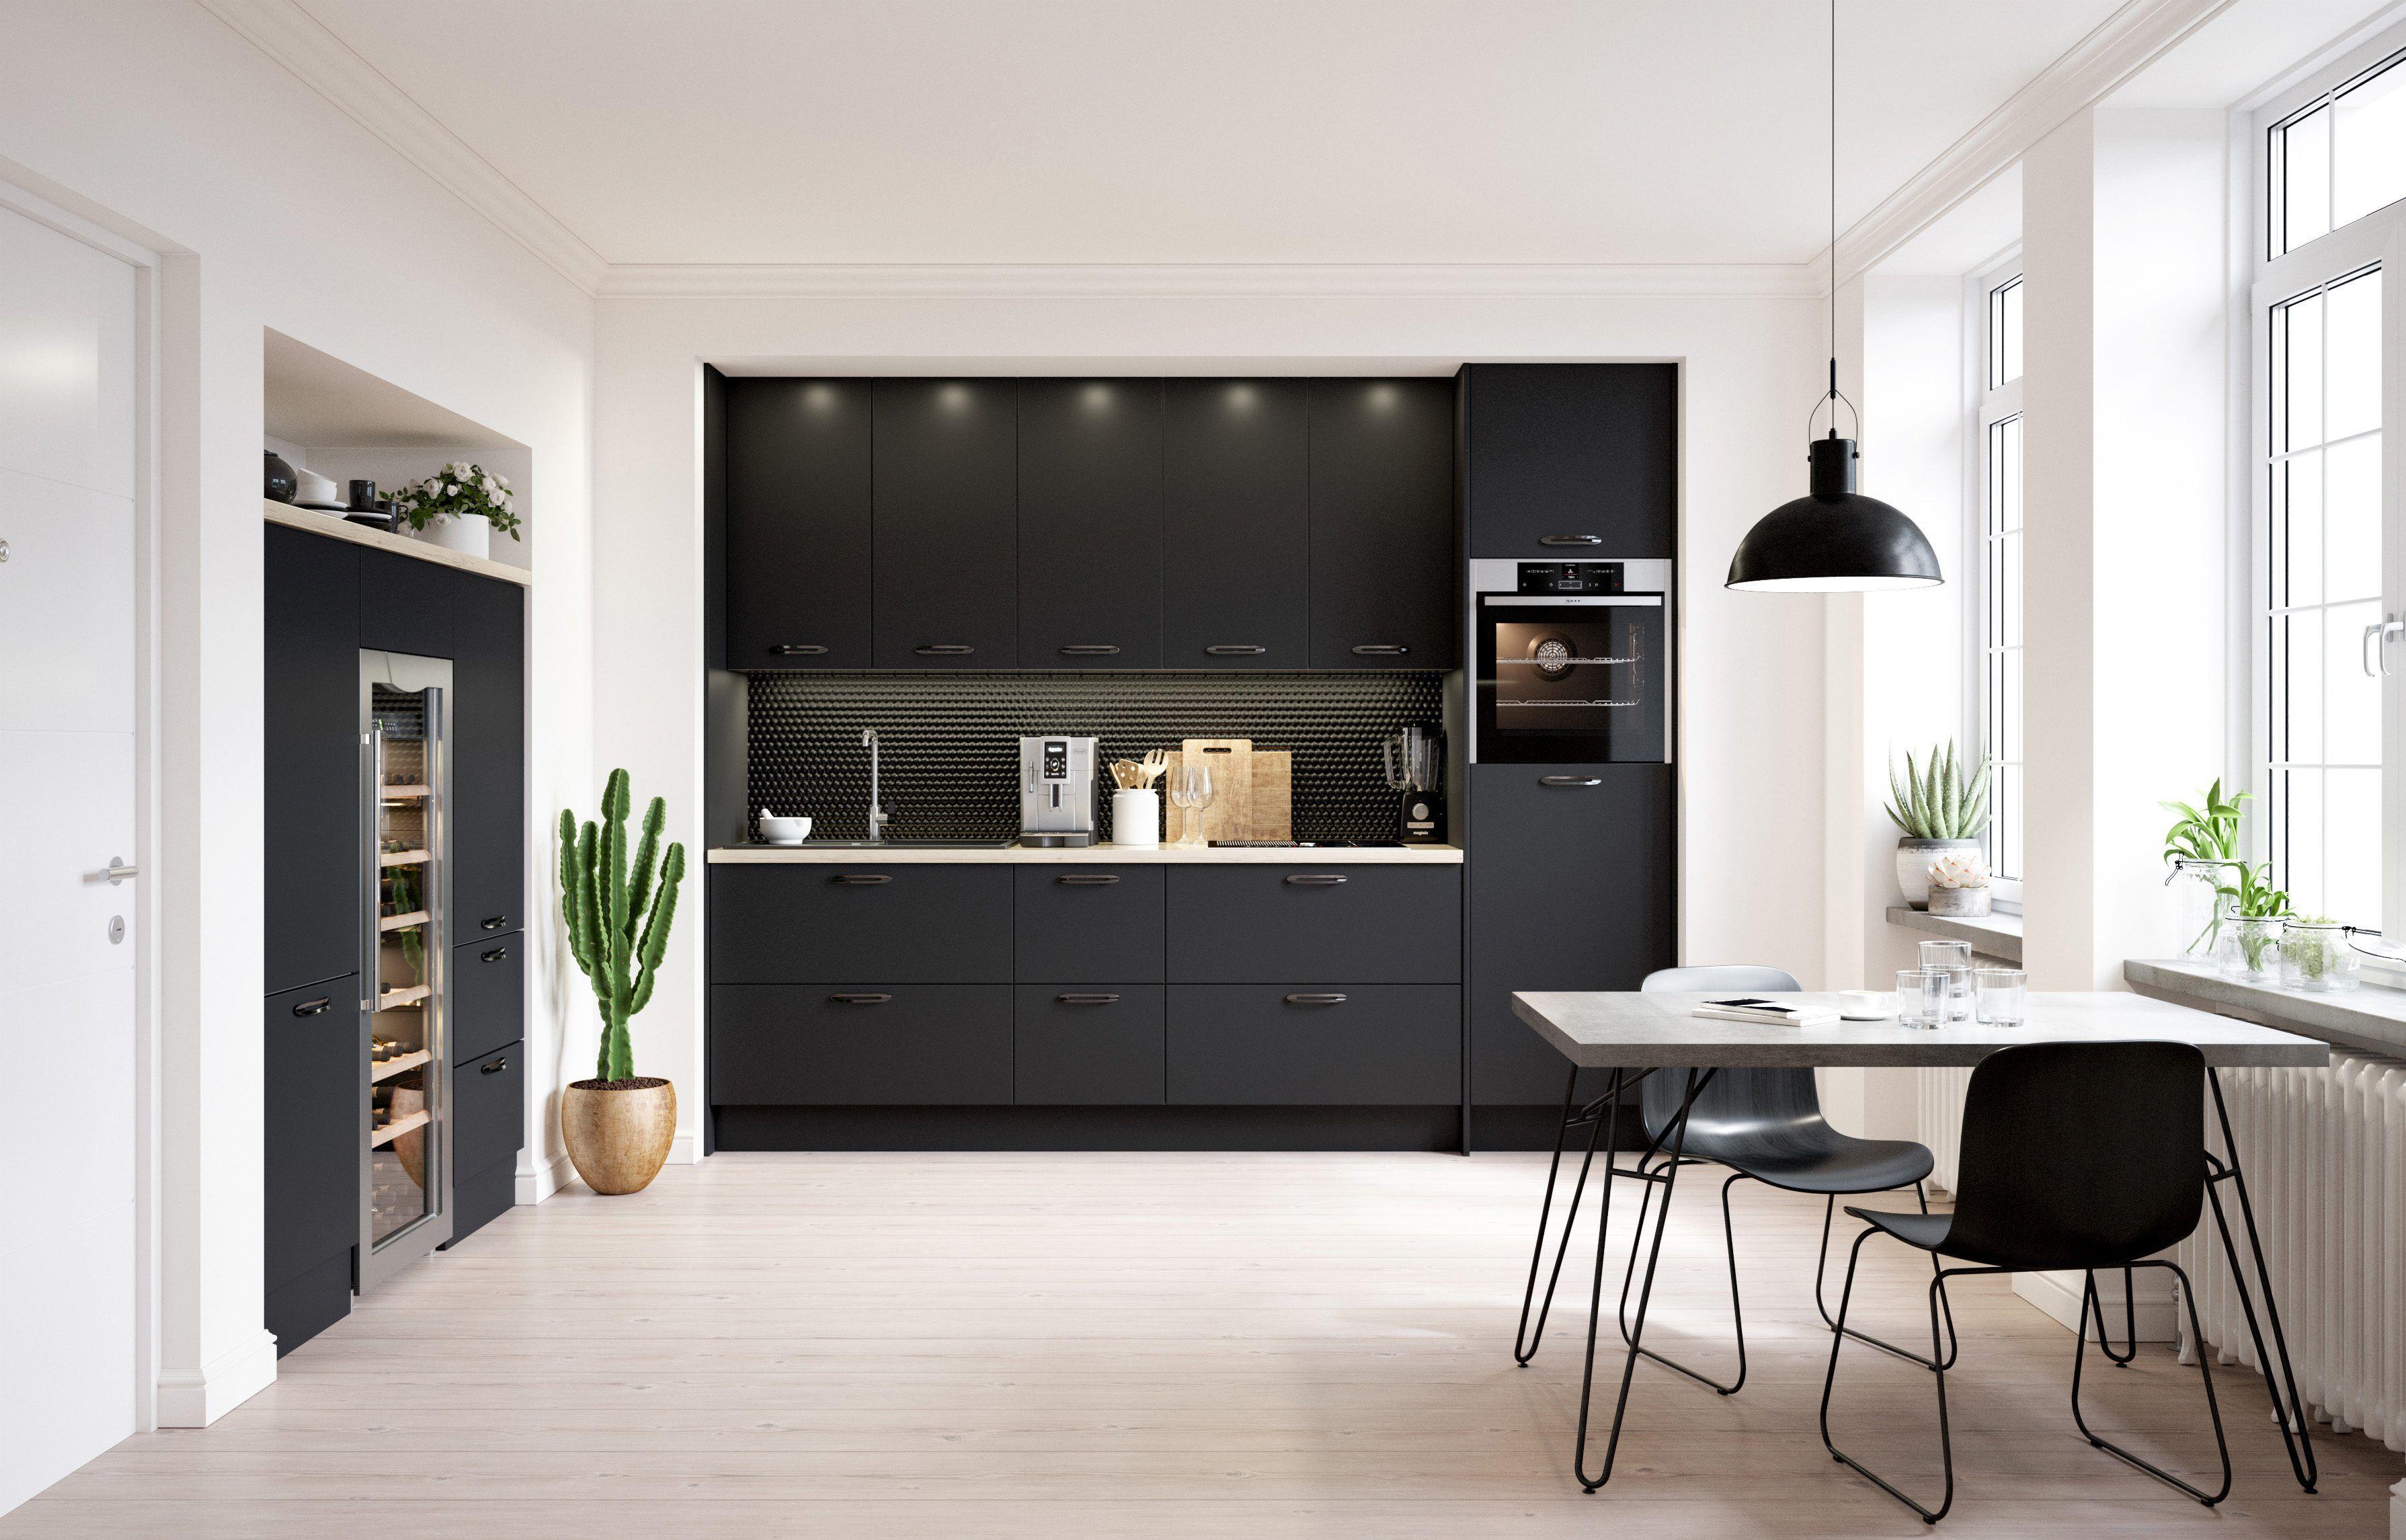 Id E De Cuisine La Cuisine Temoe Noire Pour Un Int Rieur Chic Et